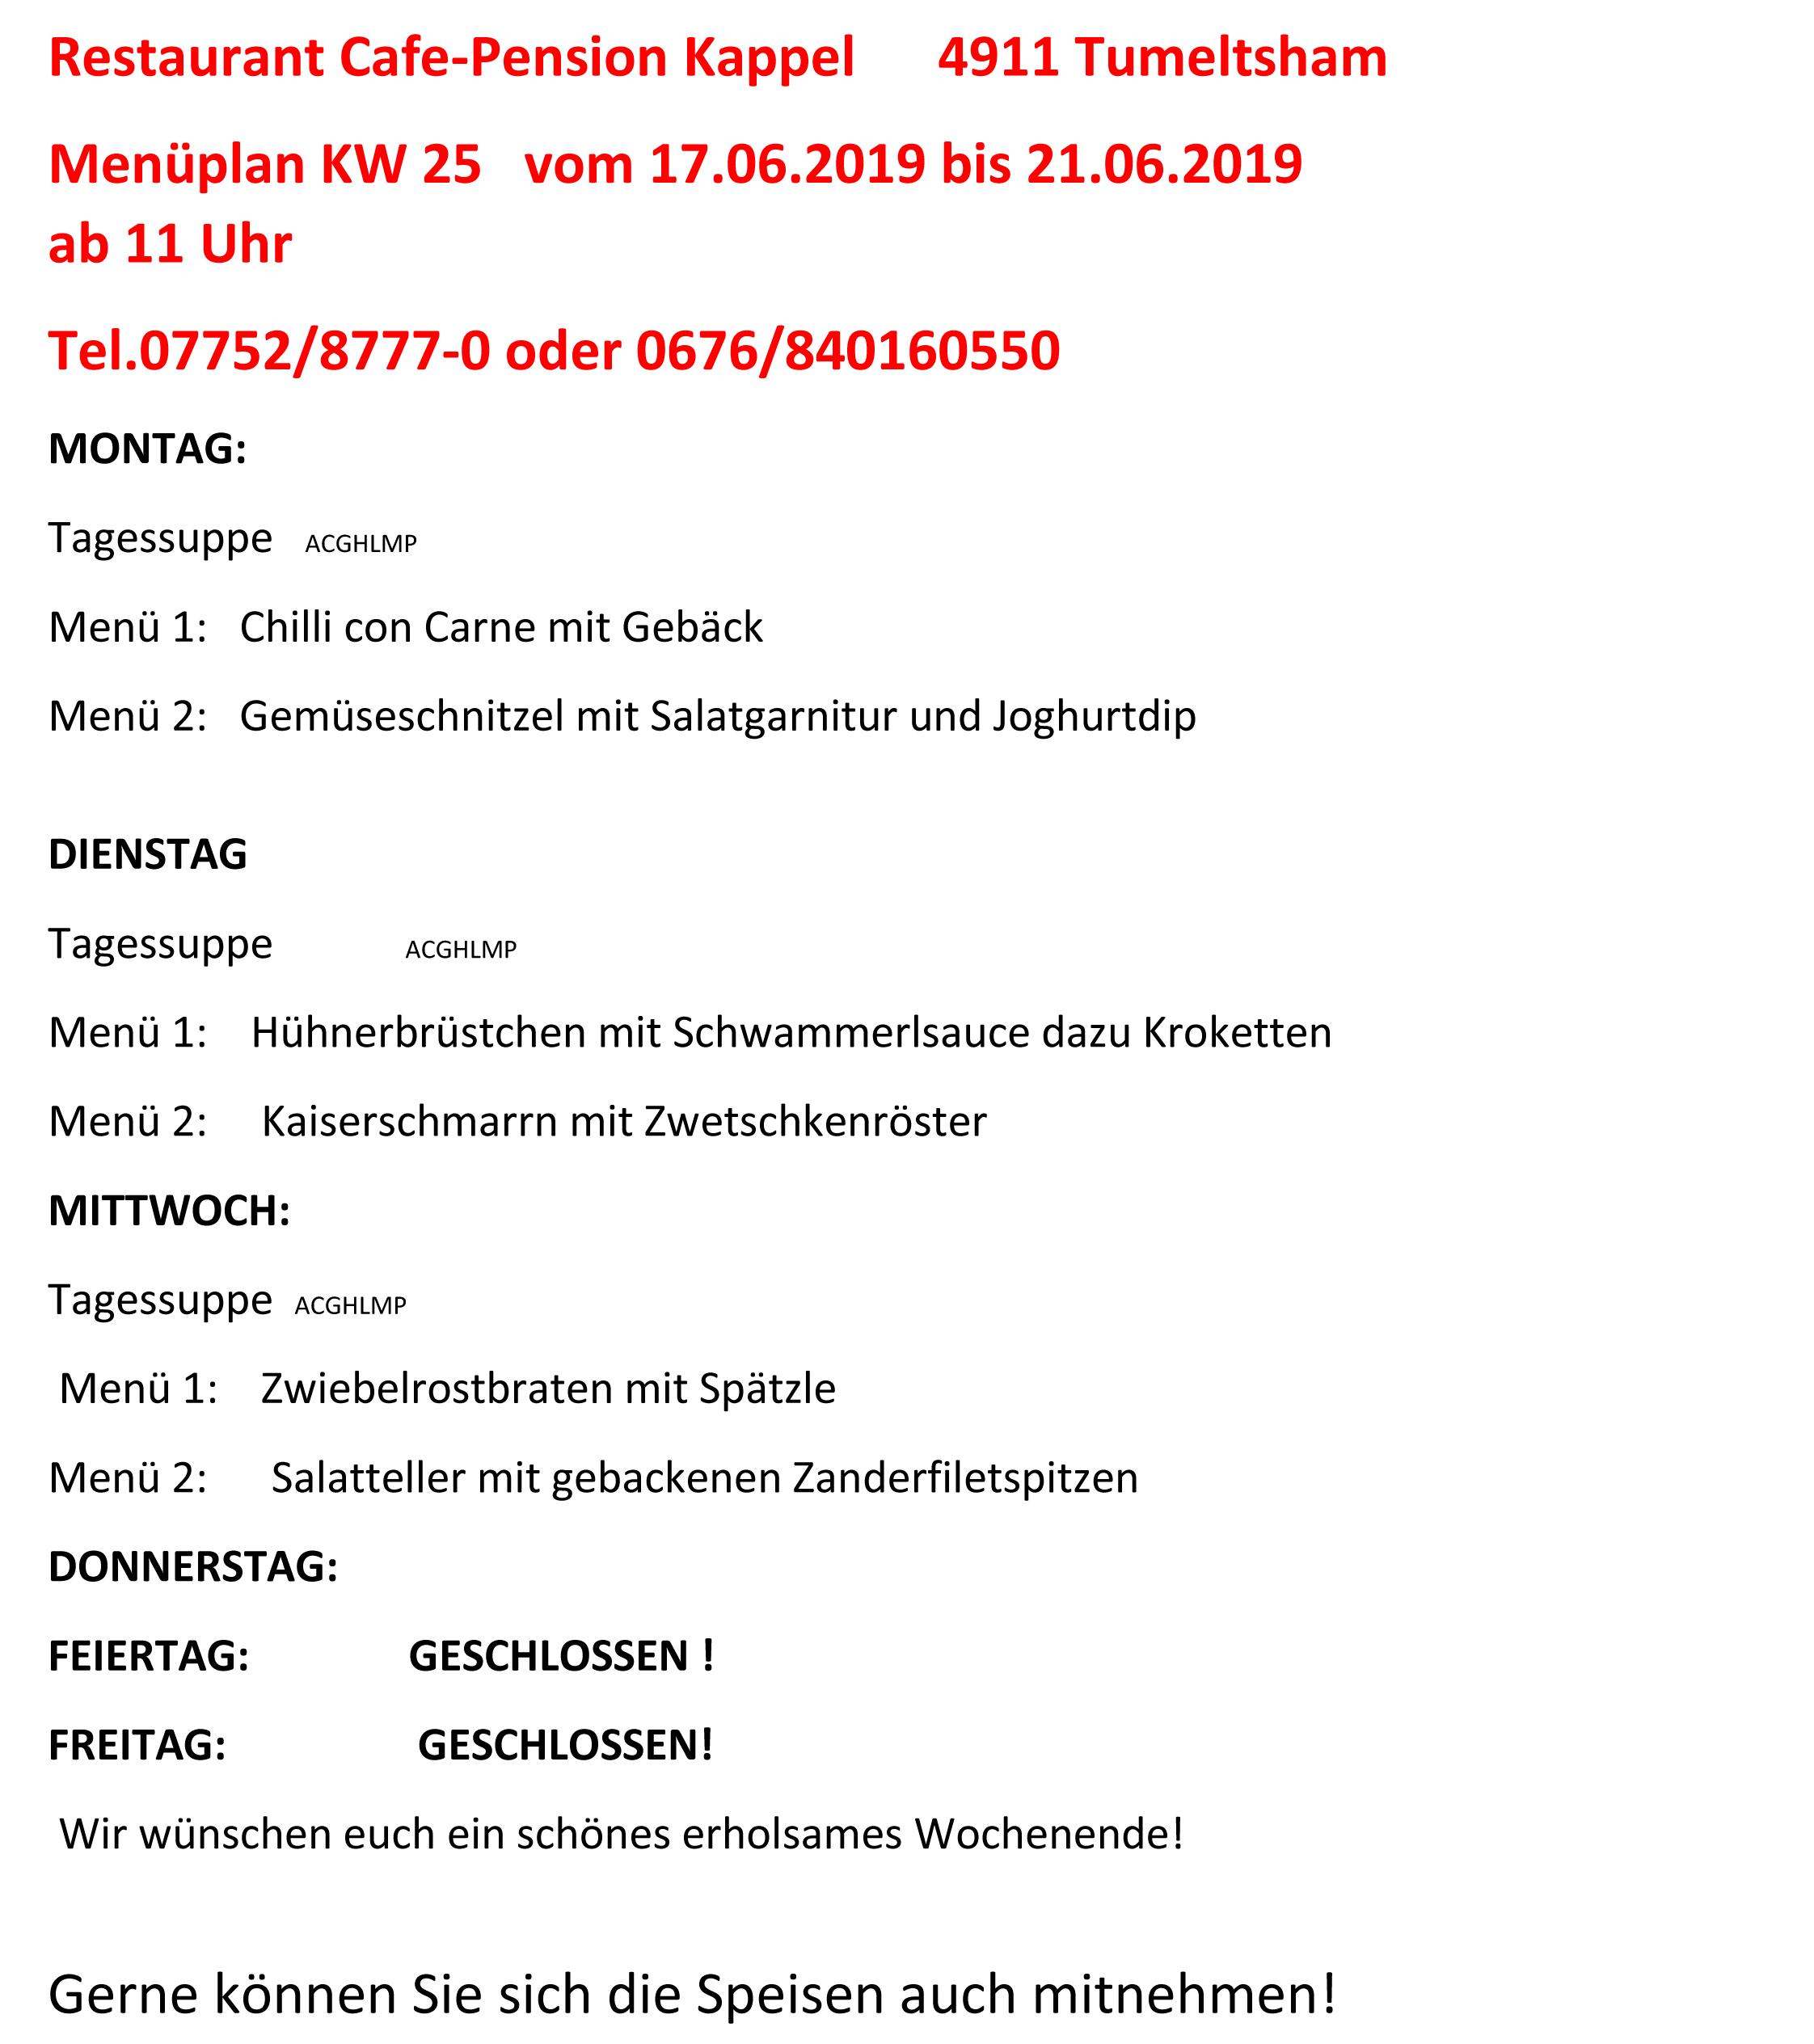 Menüplan KW 25-2019 docx - Kopie (3)